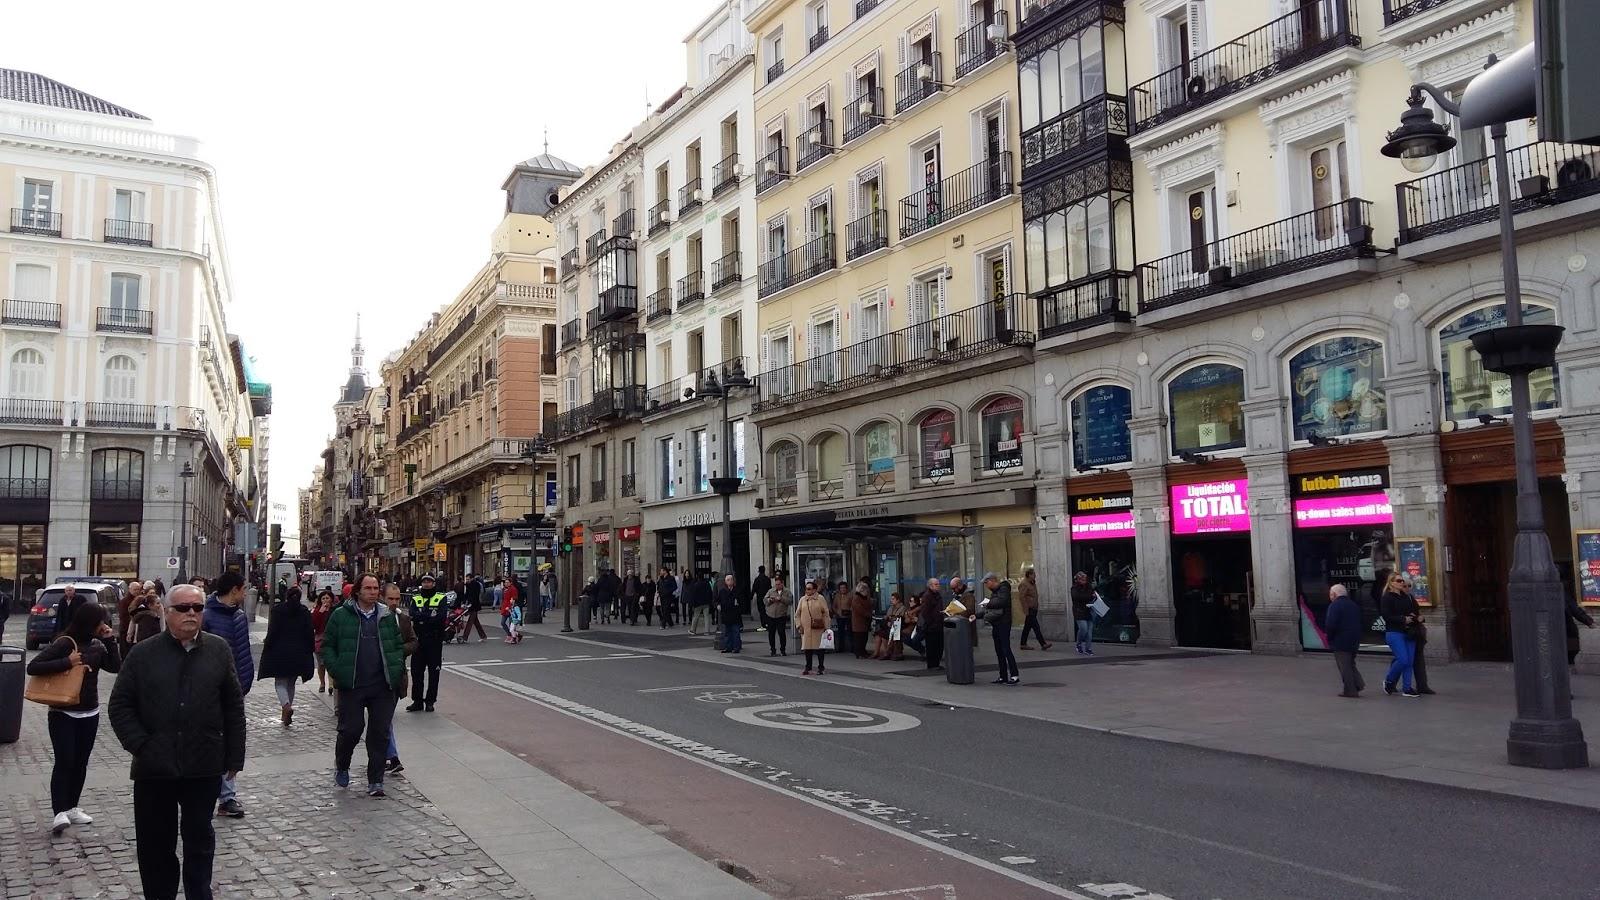 El rumbo de la historia presidentes asesinados en madrid for Libreria puerta del sol